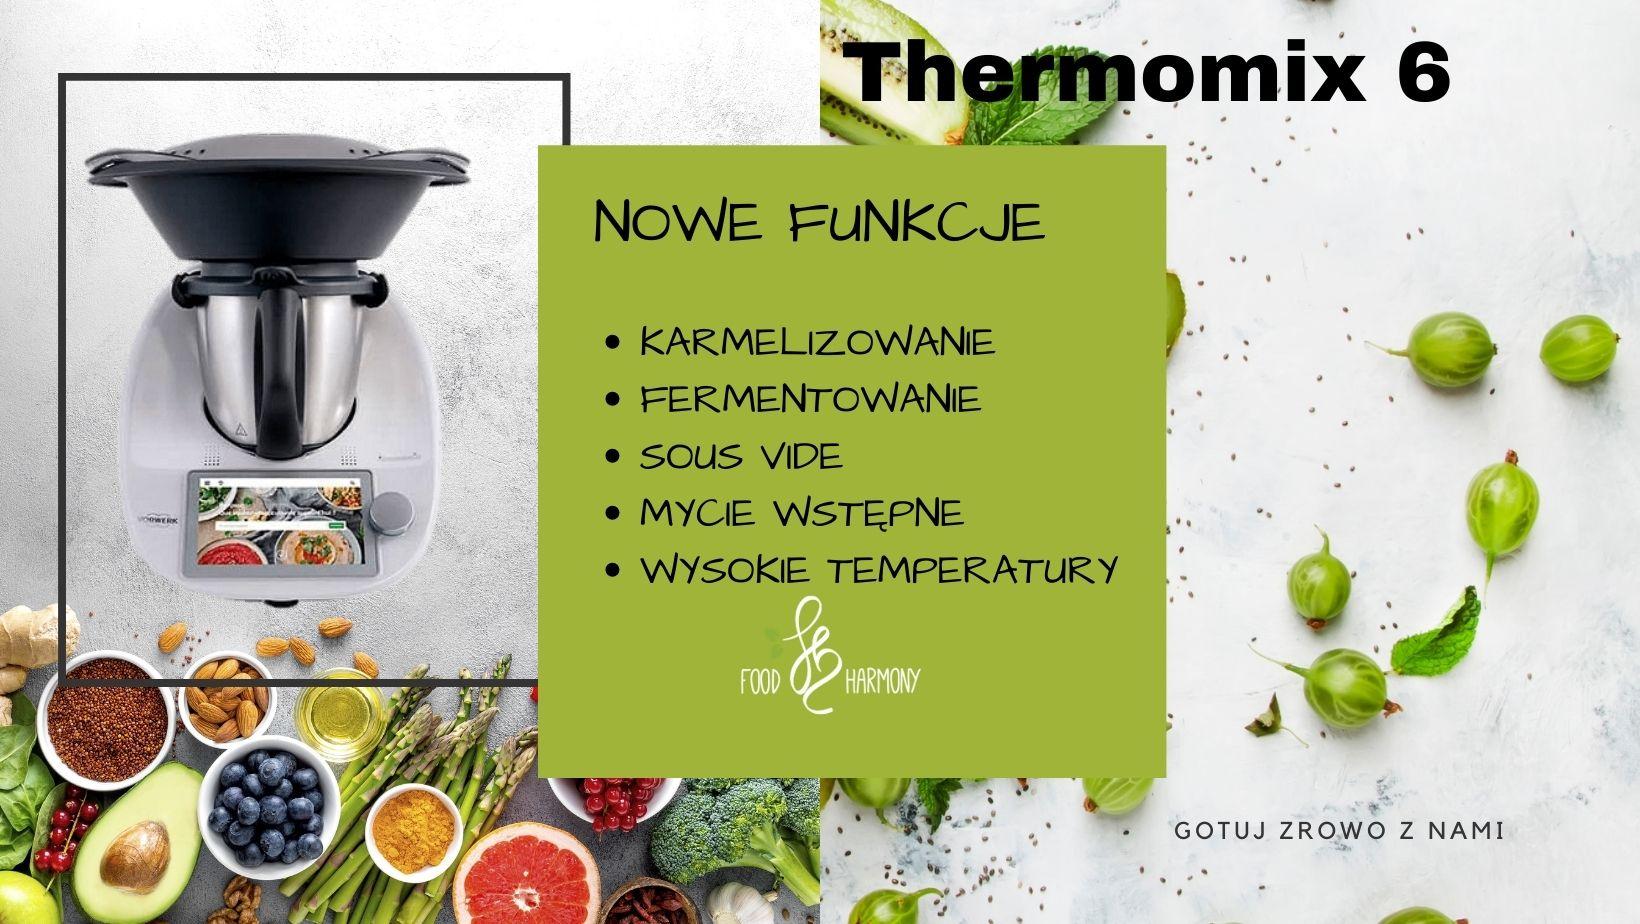 nowe funkcje Thermomix